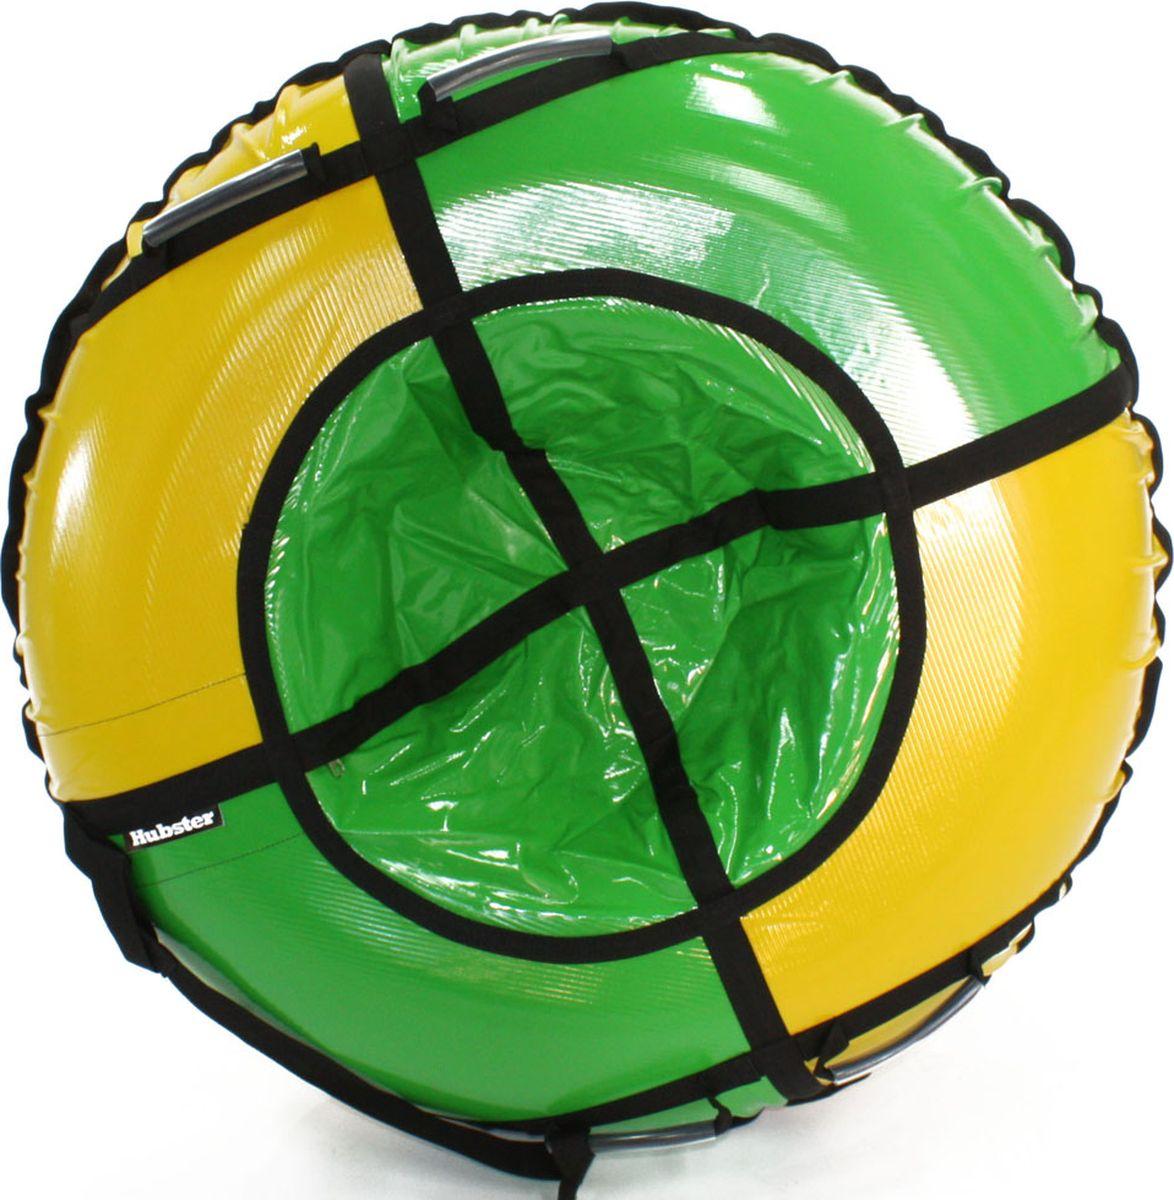 Тюбинг Hubster Sport Plus, цвет: желтый, зеленый, диаметр 120 смво4190-2Любимая детская зимняя забава - это кататься с горки. А катание на тюбинге надолго запомнится вам и вашим близким. Свежий воздух, веселая компания, веселые развлечения - эти моменты вы будете вспоминать еще долгое время. Материал верха - ПВХ армированный, плотность 650 г/м .Материал дна - ПВХ (усиленная скользкая ткань), плотность 650 г/м.Диаметр в сдутом виде - 120 см.Диаметр в надутом виде - 109 см.Ручки усиленные (нашиты на дополнительную стропу)Кол-во ручек - 4 шт. .Молния скрытая, на сиденье.Крепление троса - наружная петля.Длина троса - 1 метр.Нагрузка -до 150 кг.Комплект поставки - ватрушка, трос, камера.Тюбинг не предназначен для буксировки механическими или транспортными средствами (подъемники, канатные дороги, лебедки, автомобиль, снегоход, квадроцикл и т.д.)